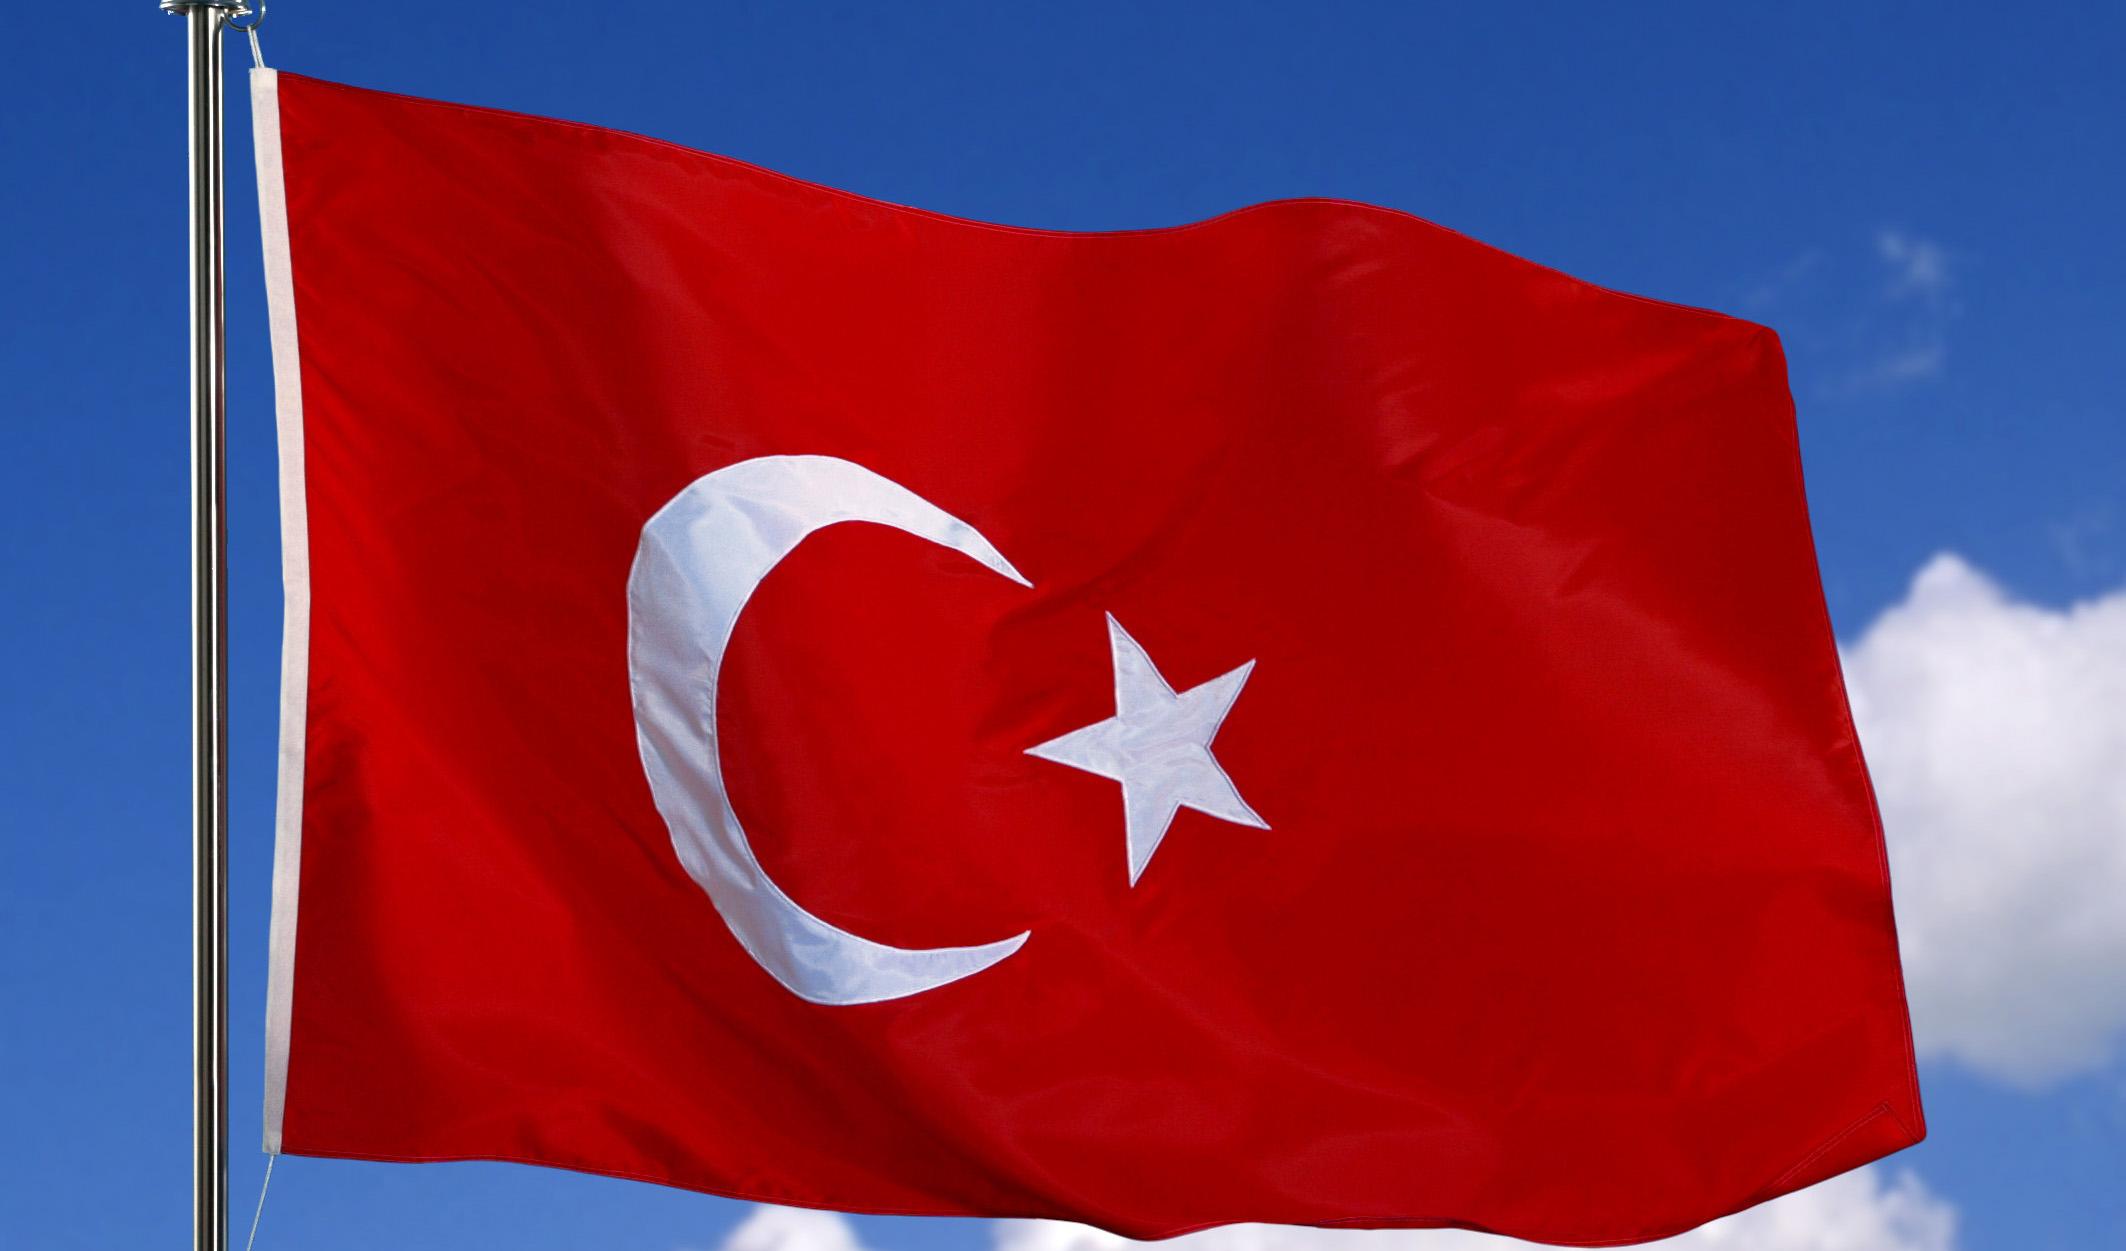 برآورد خروج سرمایه از طریق خرید ملک در ترکیه